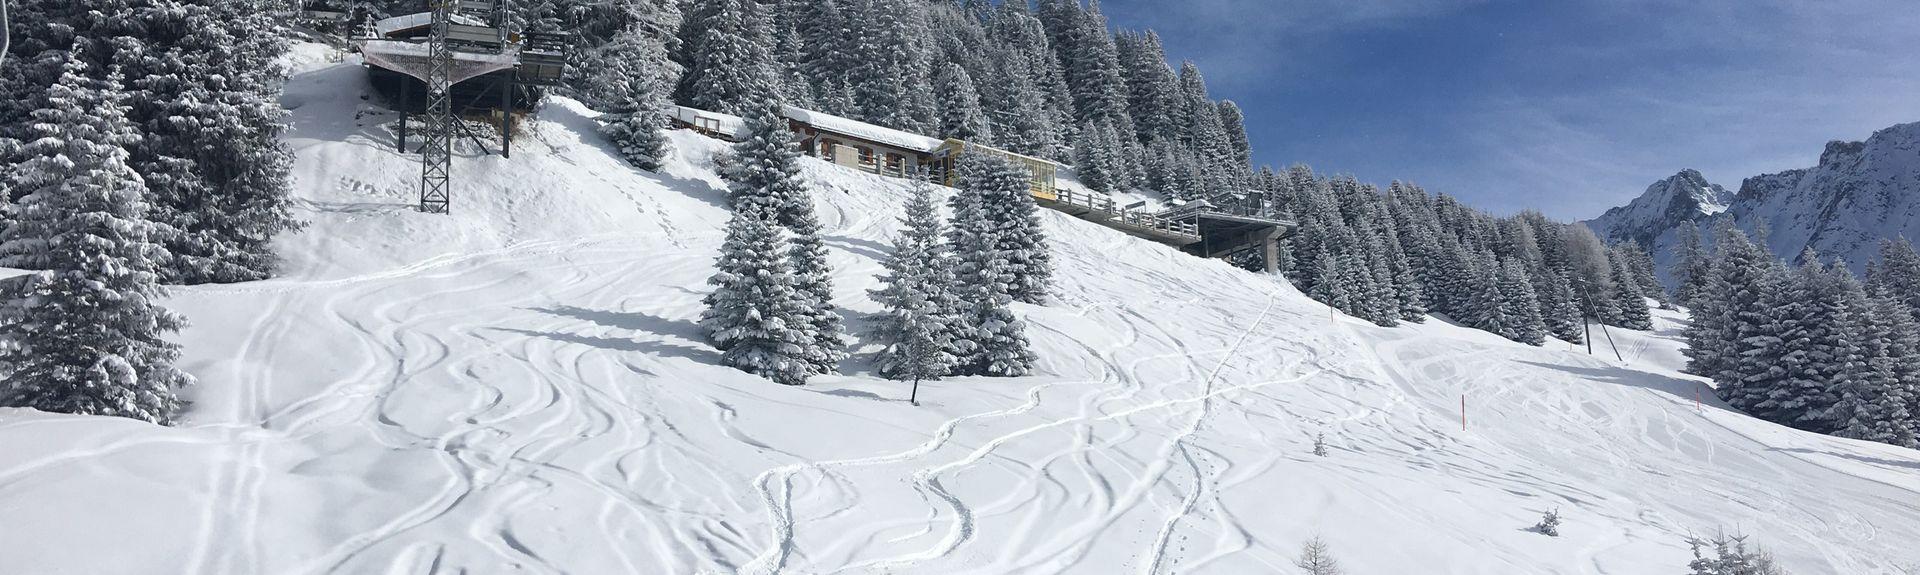 Brämabüel, Davos, Graubuenden, Switzerland